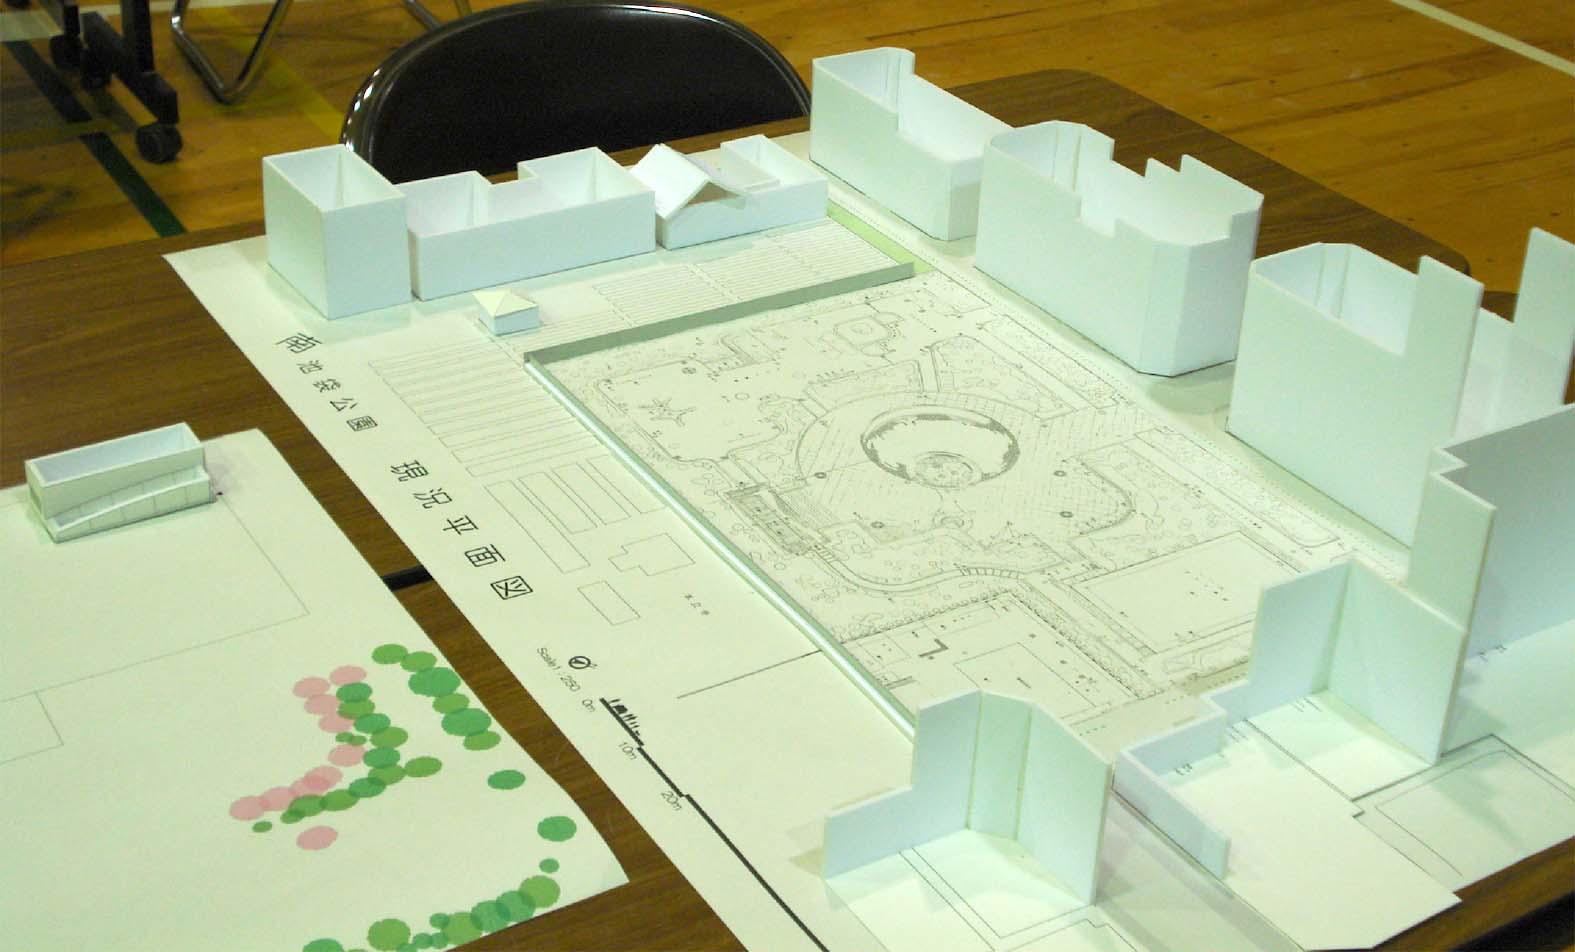 南池袋公園改修ワークショップ運営及び基本計画策定業務